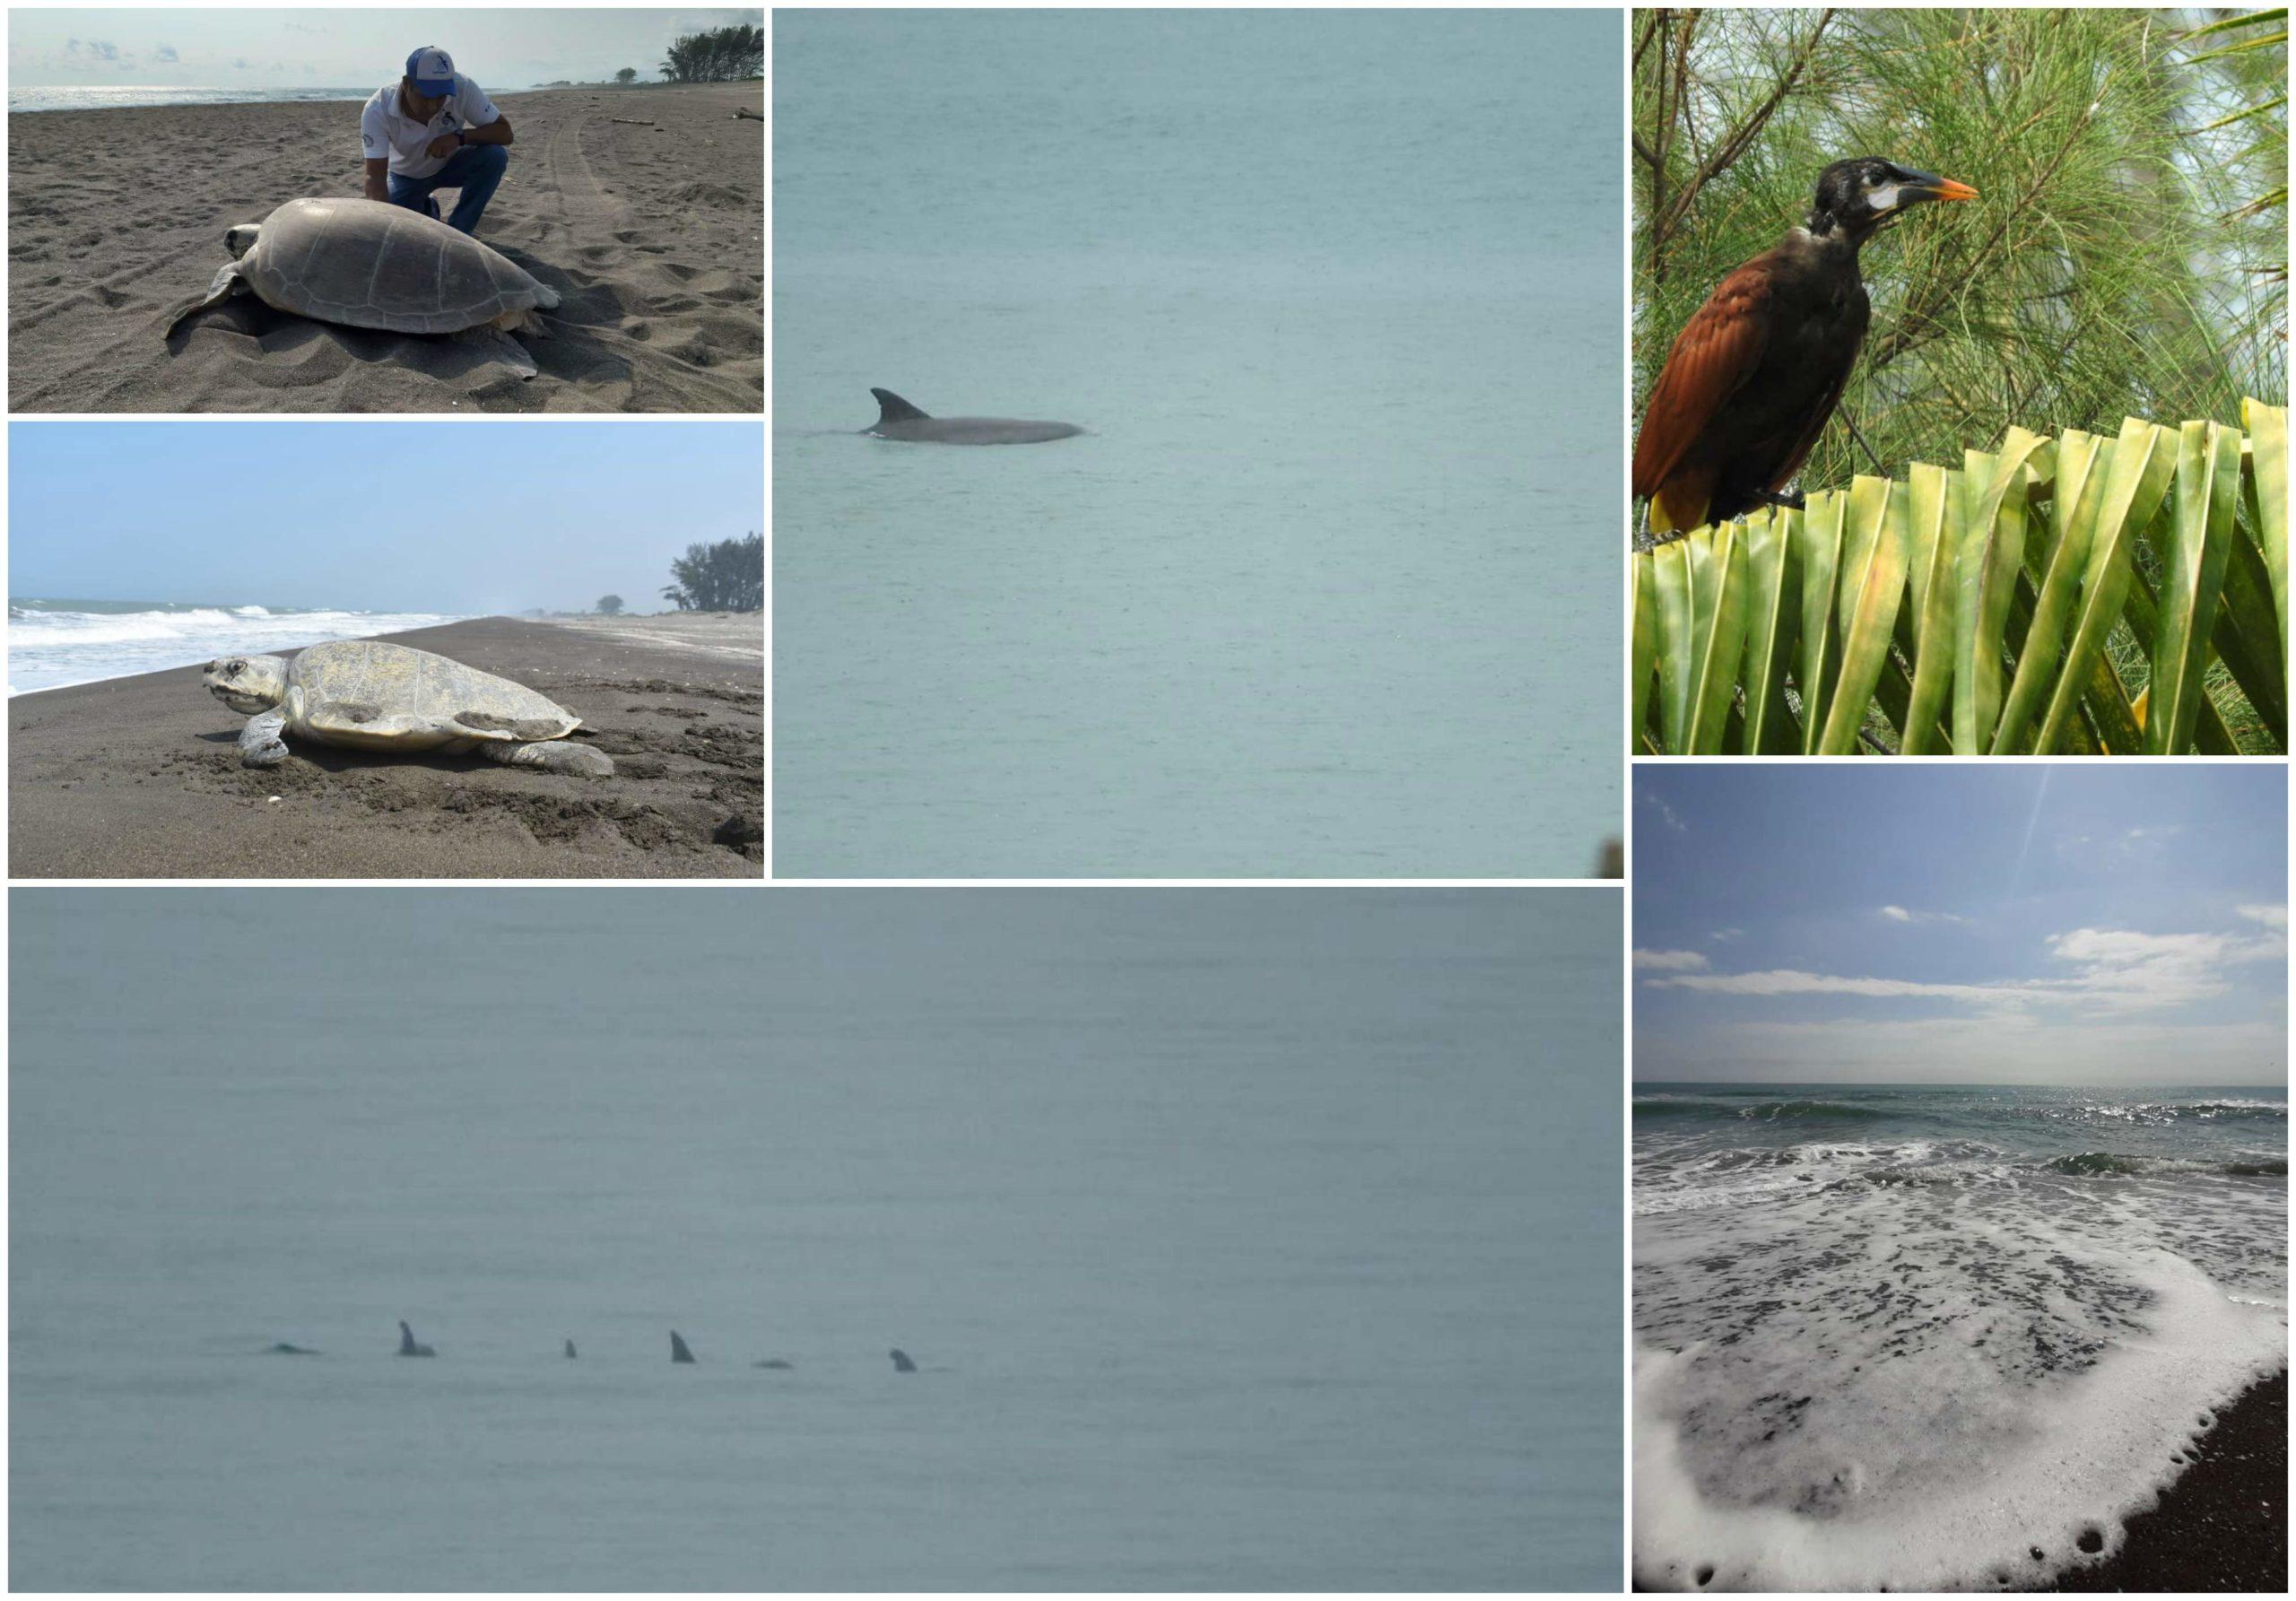 Delfines, aves migratorias y playas limpias en Nautla durante estas semanas